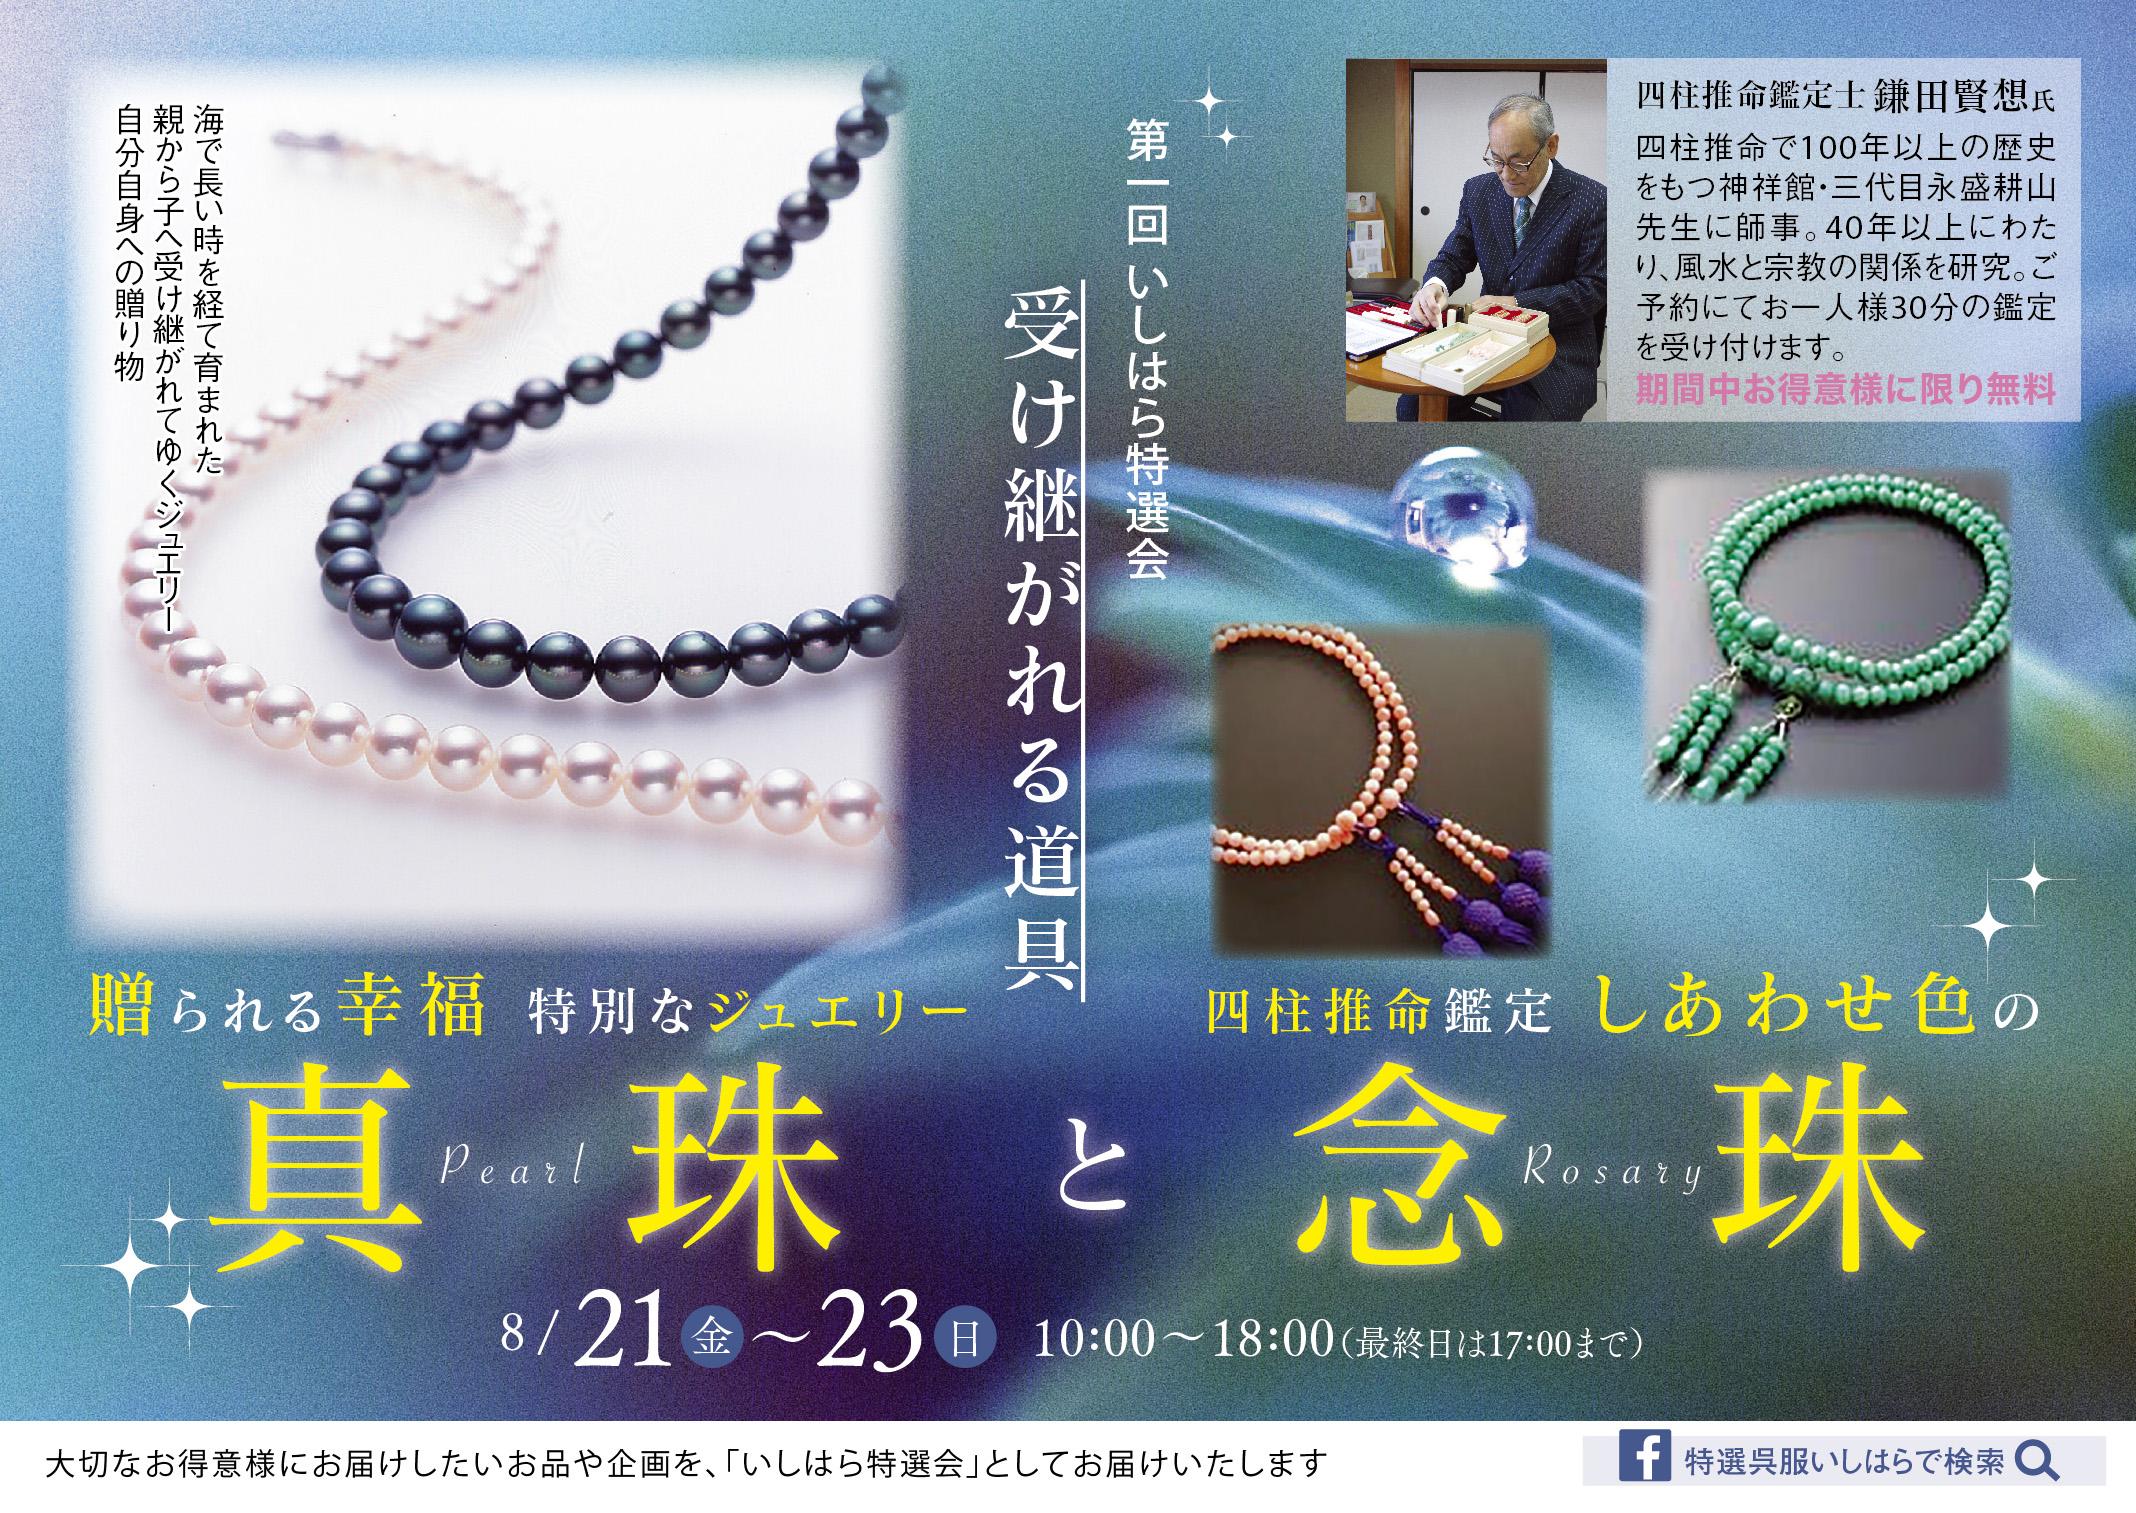 真珠と念珠